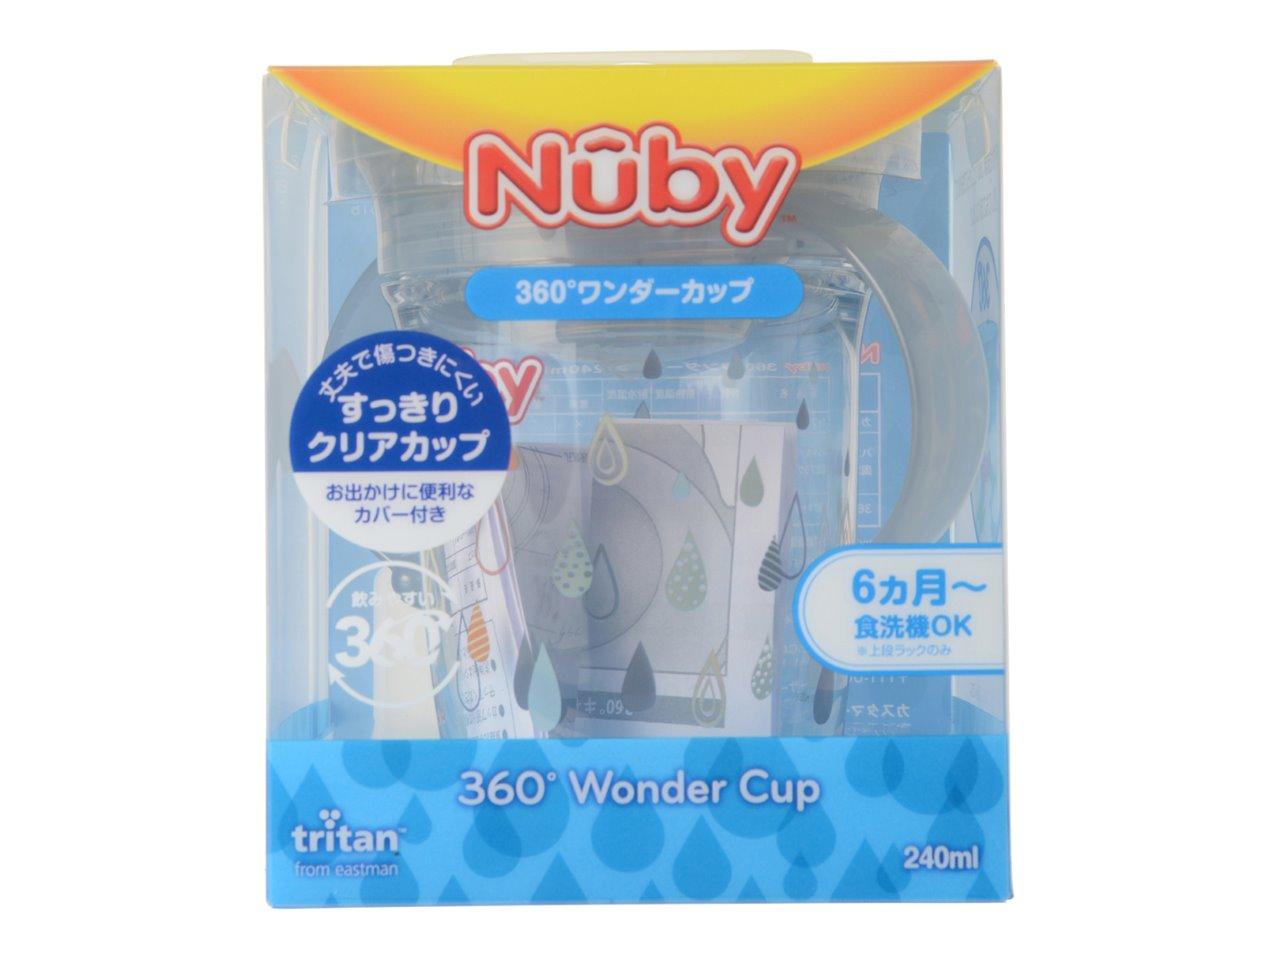 ヌービー ワンダーカップ240ml【最短翌日発送】